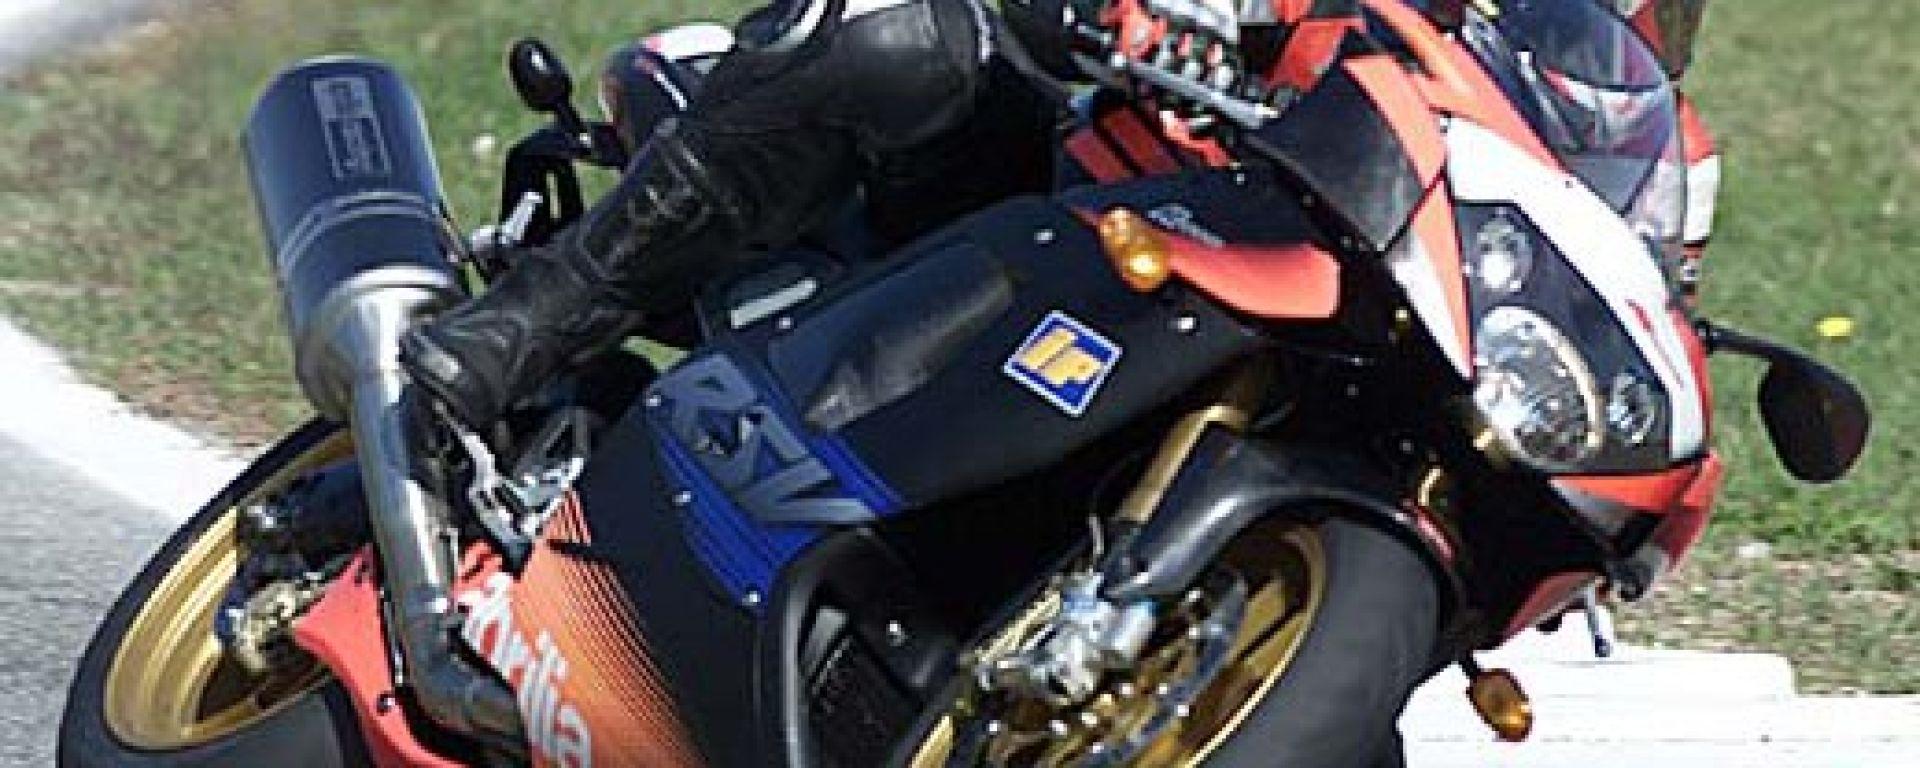 In sella alla Aprilia RSV Mille R 2003